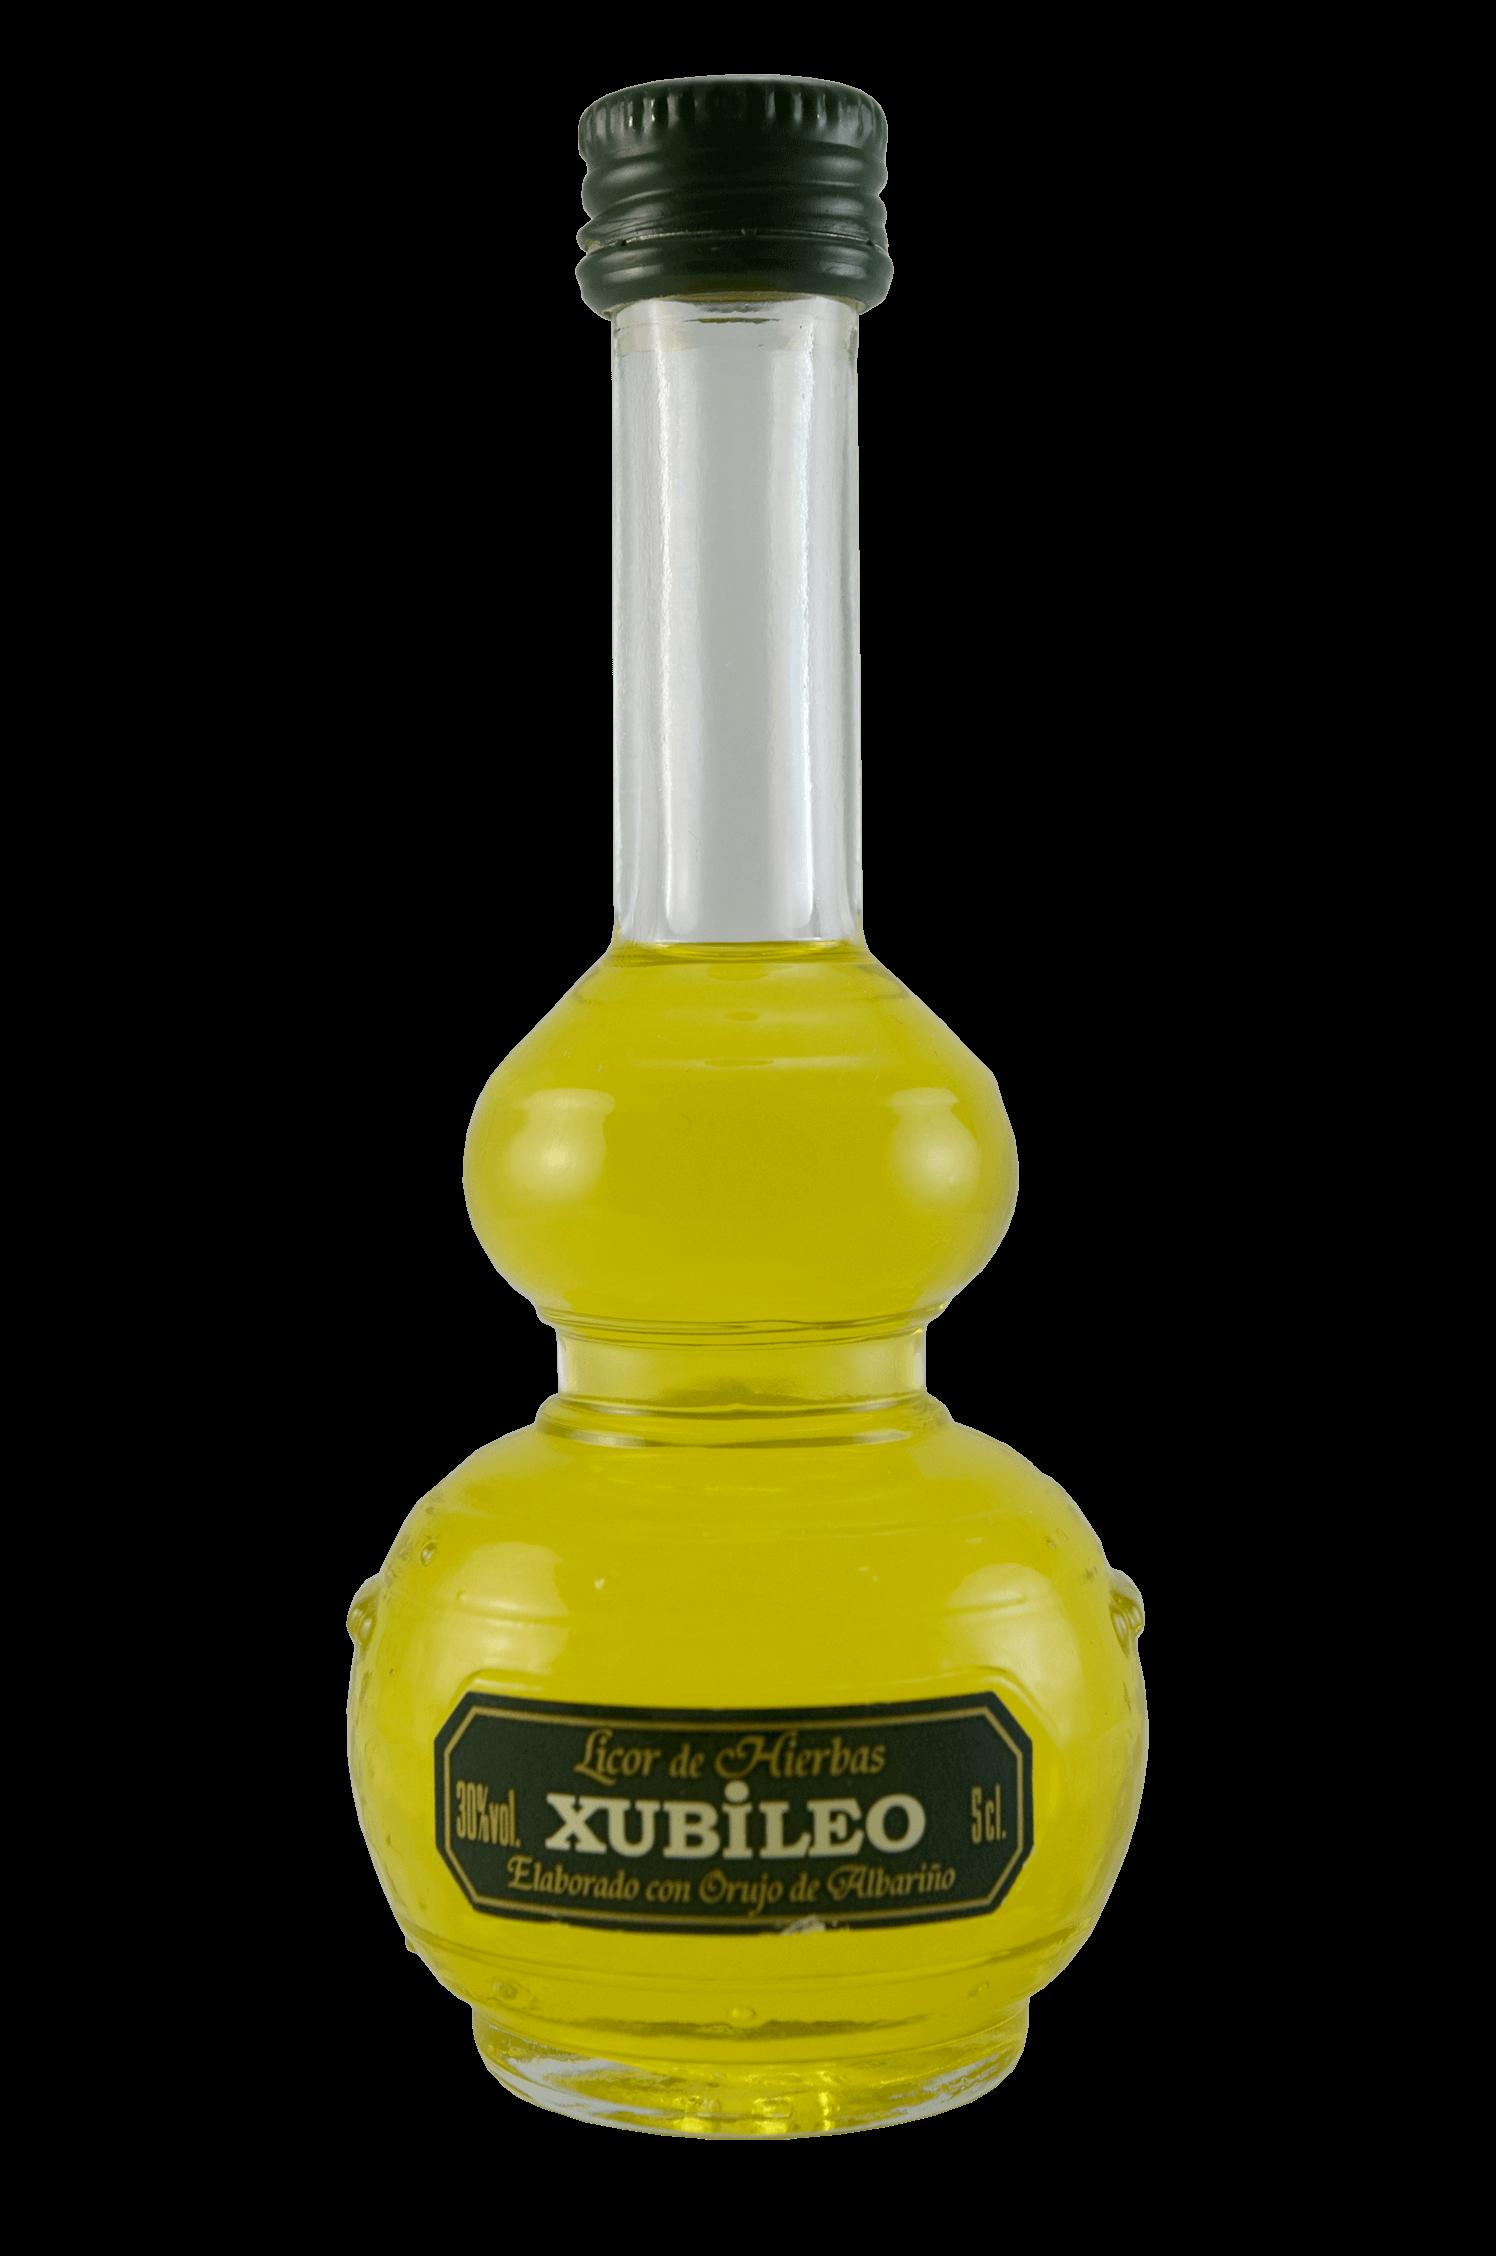 Xubileo Licor De Hierbas